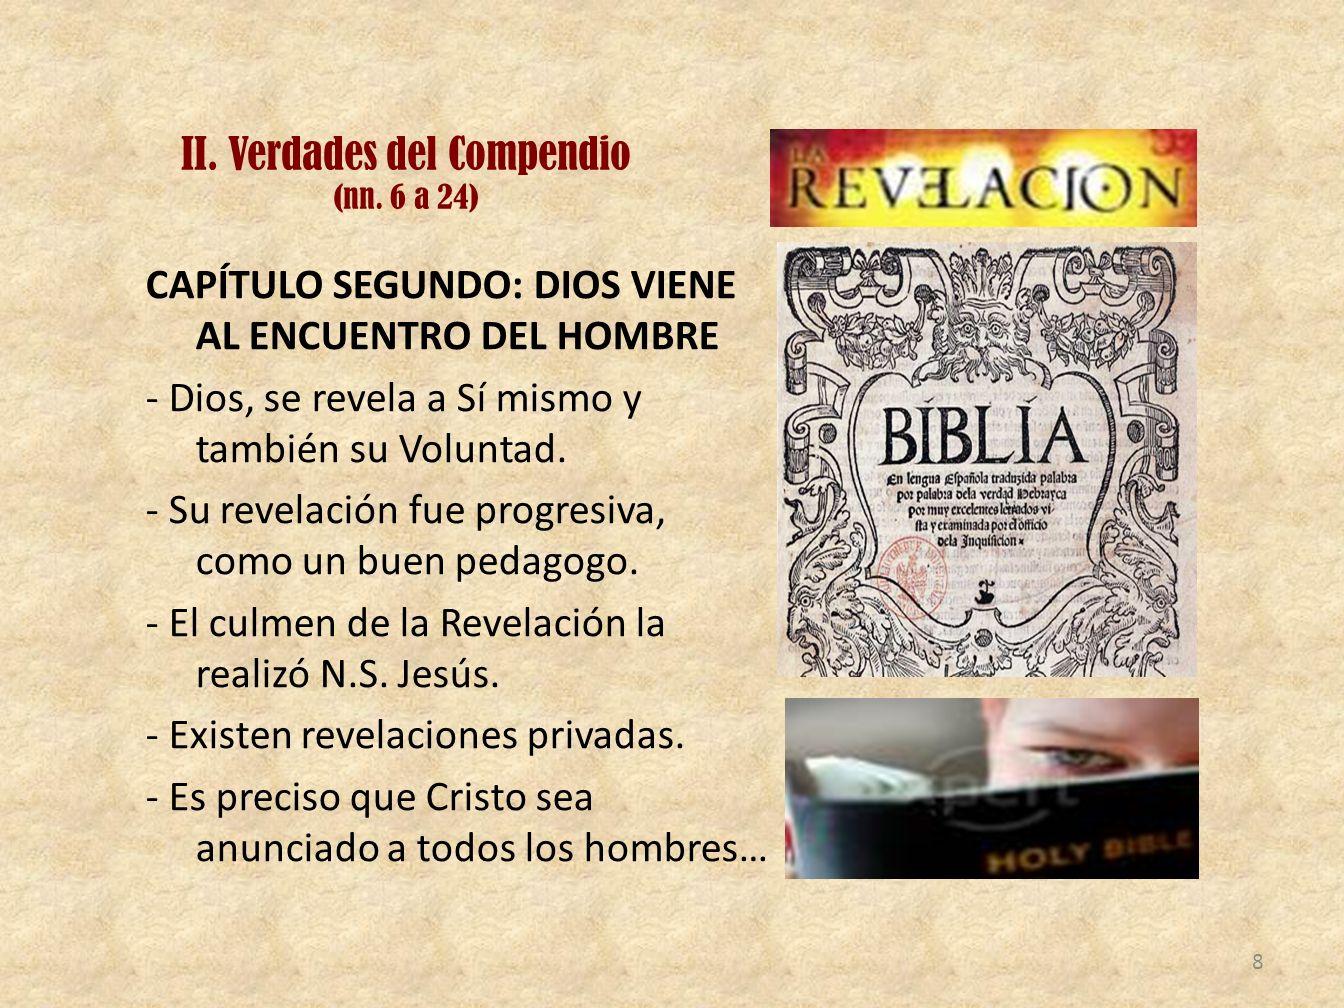 II. Verdades del Compendio (nn. 6 a 24) CAPÍTULO SEGUNDO: DIOS VIENE AL ENCUENTRO DEL HOMBRE - Dios, se revela a Sí mismo y también su Voluntad. - Su